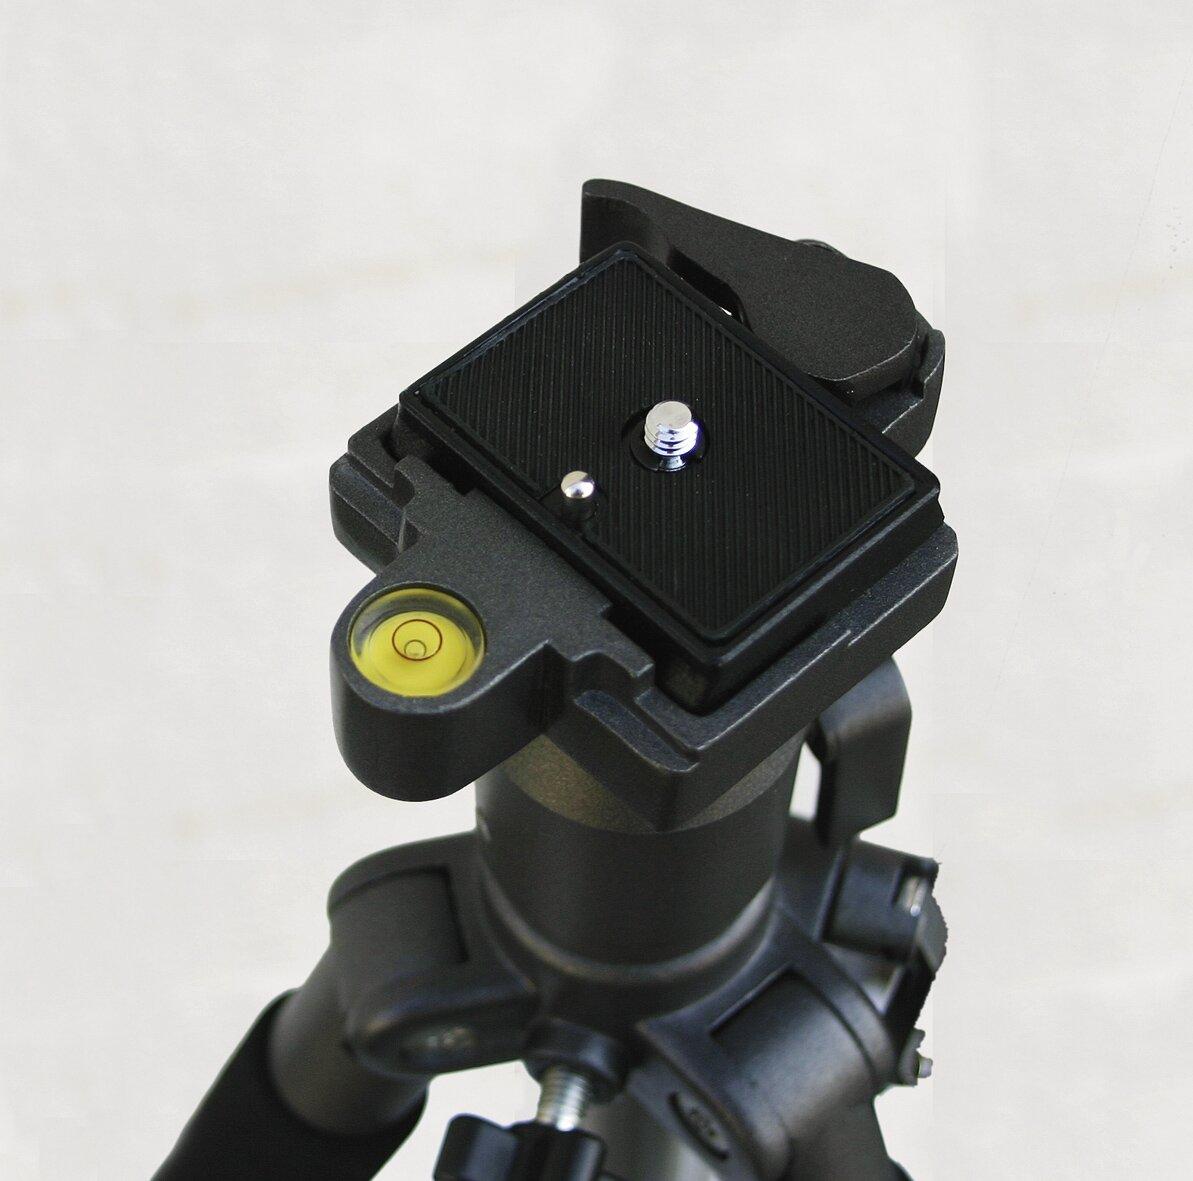 cb5e2abeb Stativy Bresser nastavenie výšky · Statív Bresser 1395mm · Statív Bresser  1395mm so statívovým adaptérom ...